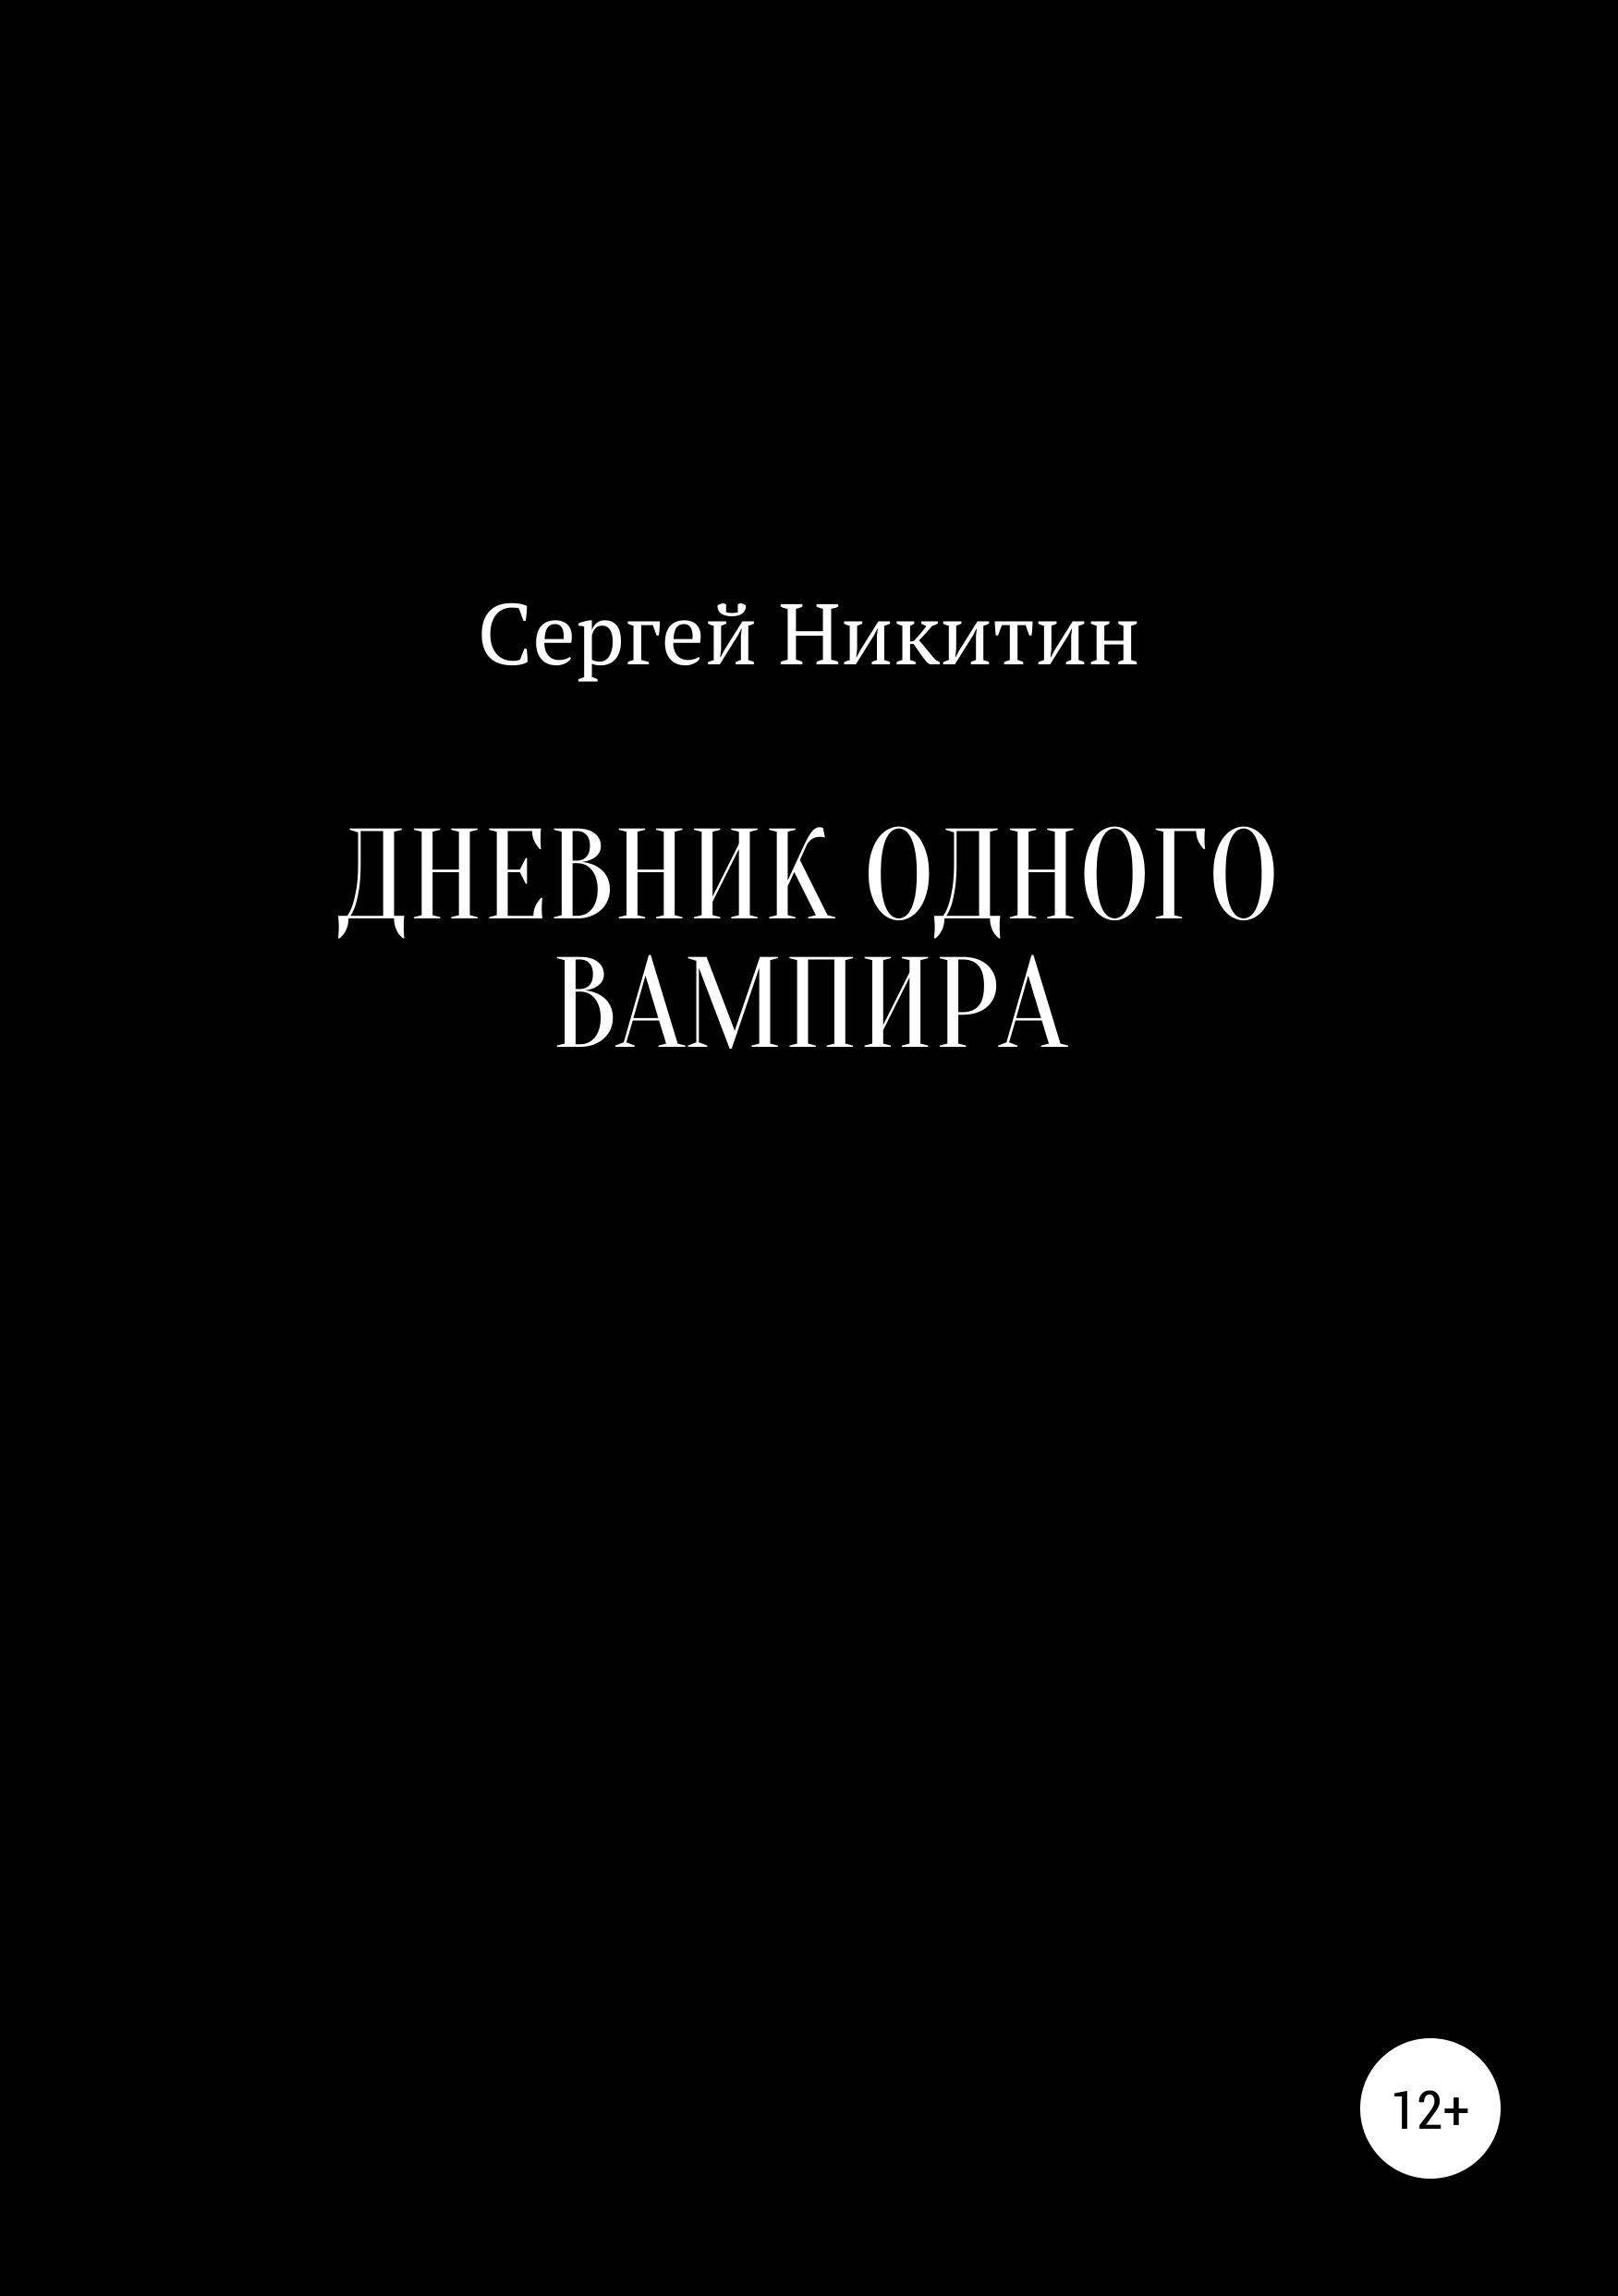 Сергей Владимирович Никитин Дневник одного вампира цены